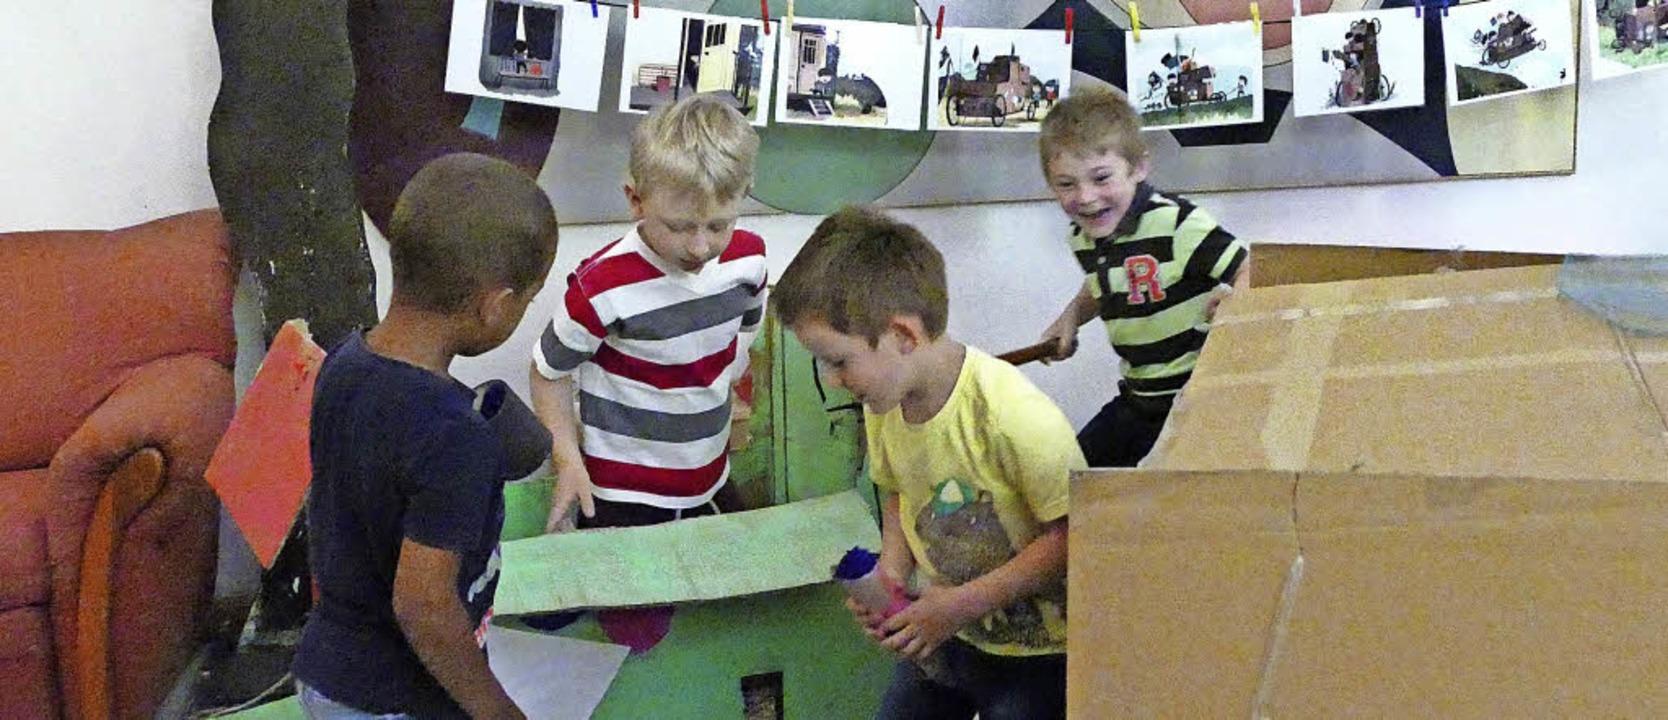 Die Kinder der Sprach-Kitas Bärenfels ...en Auggener Weg gleich zeigen mussten.  | Foto: Helena Hiss